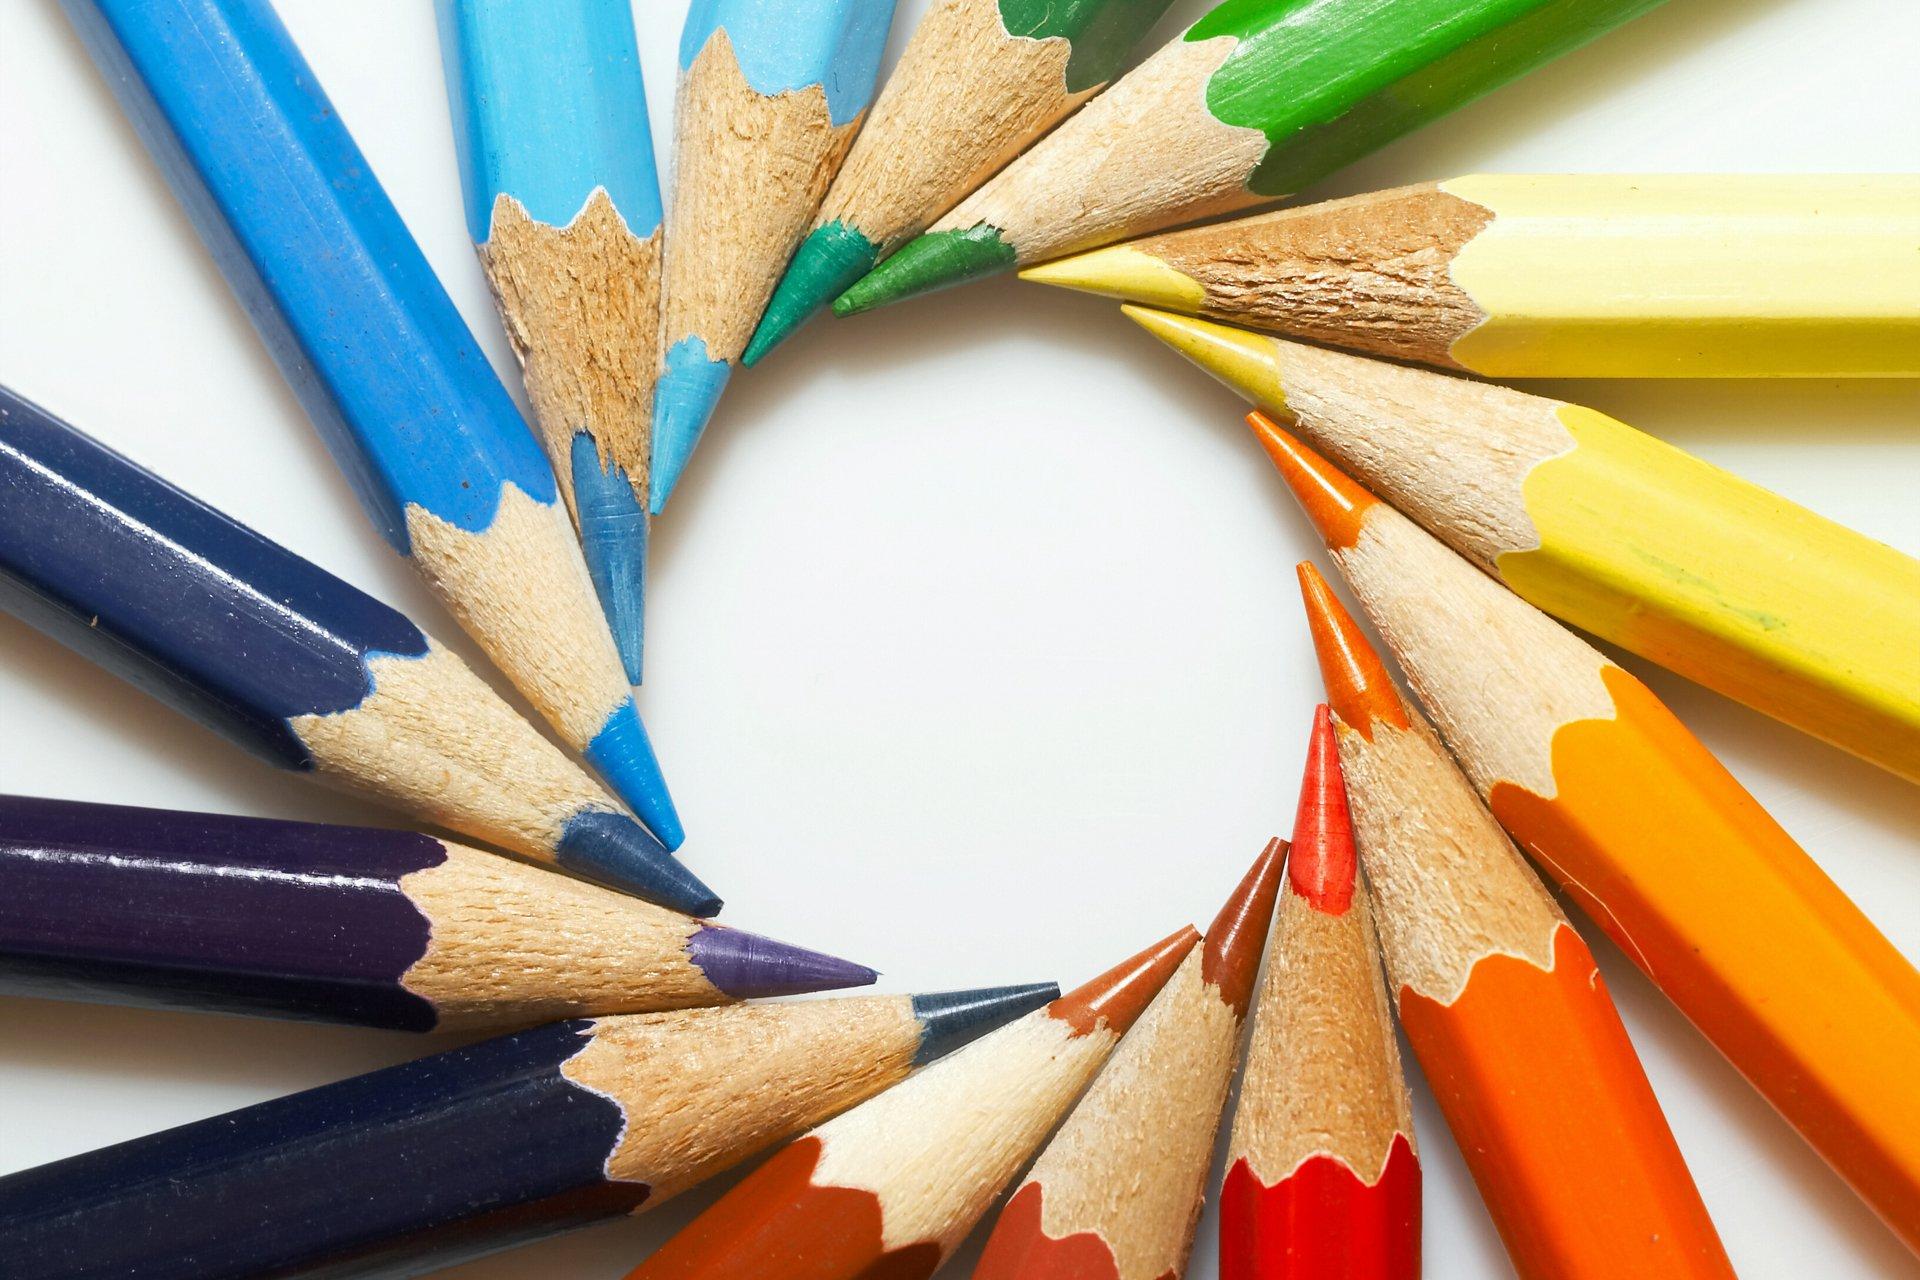 карандаш лист буквы без смс